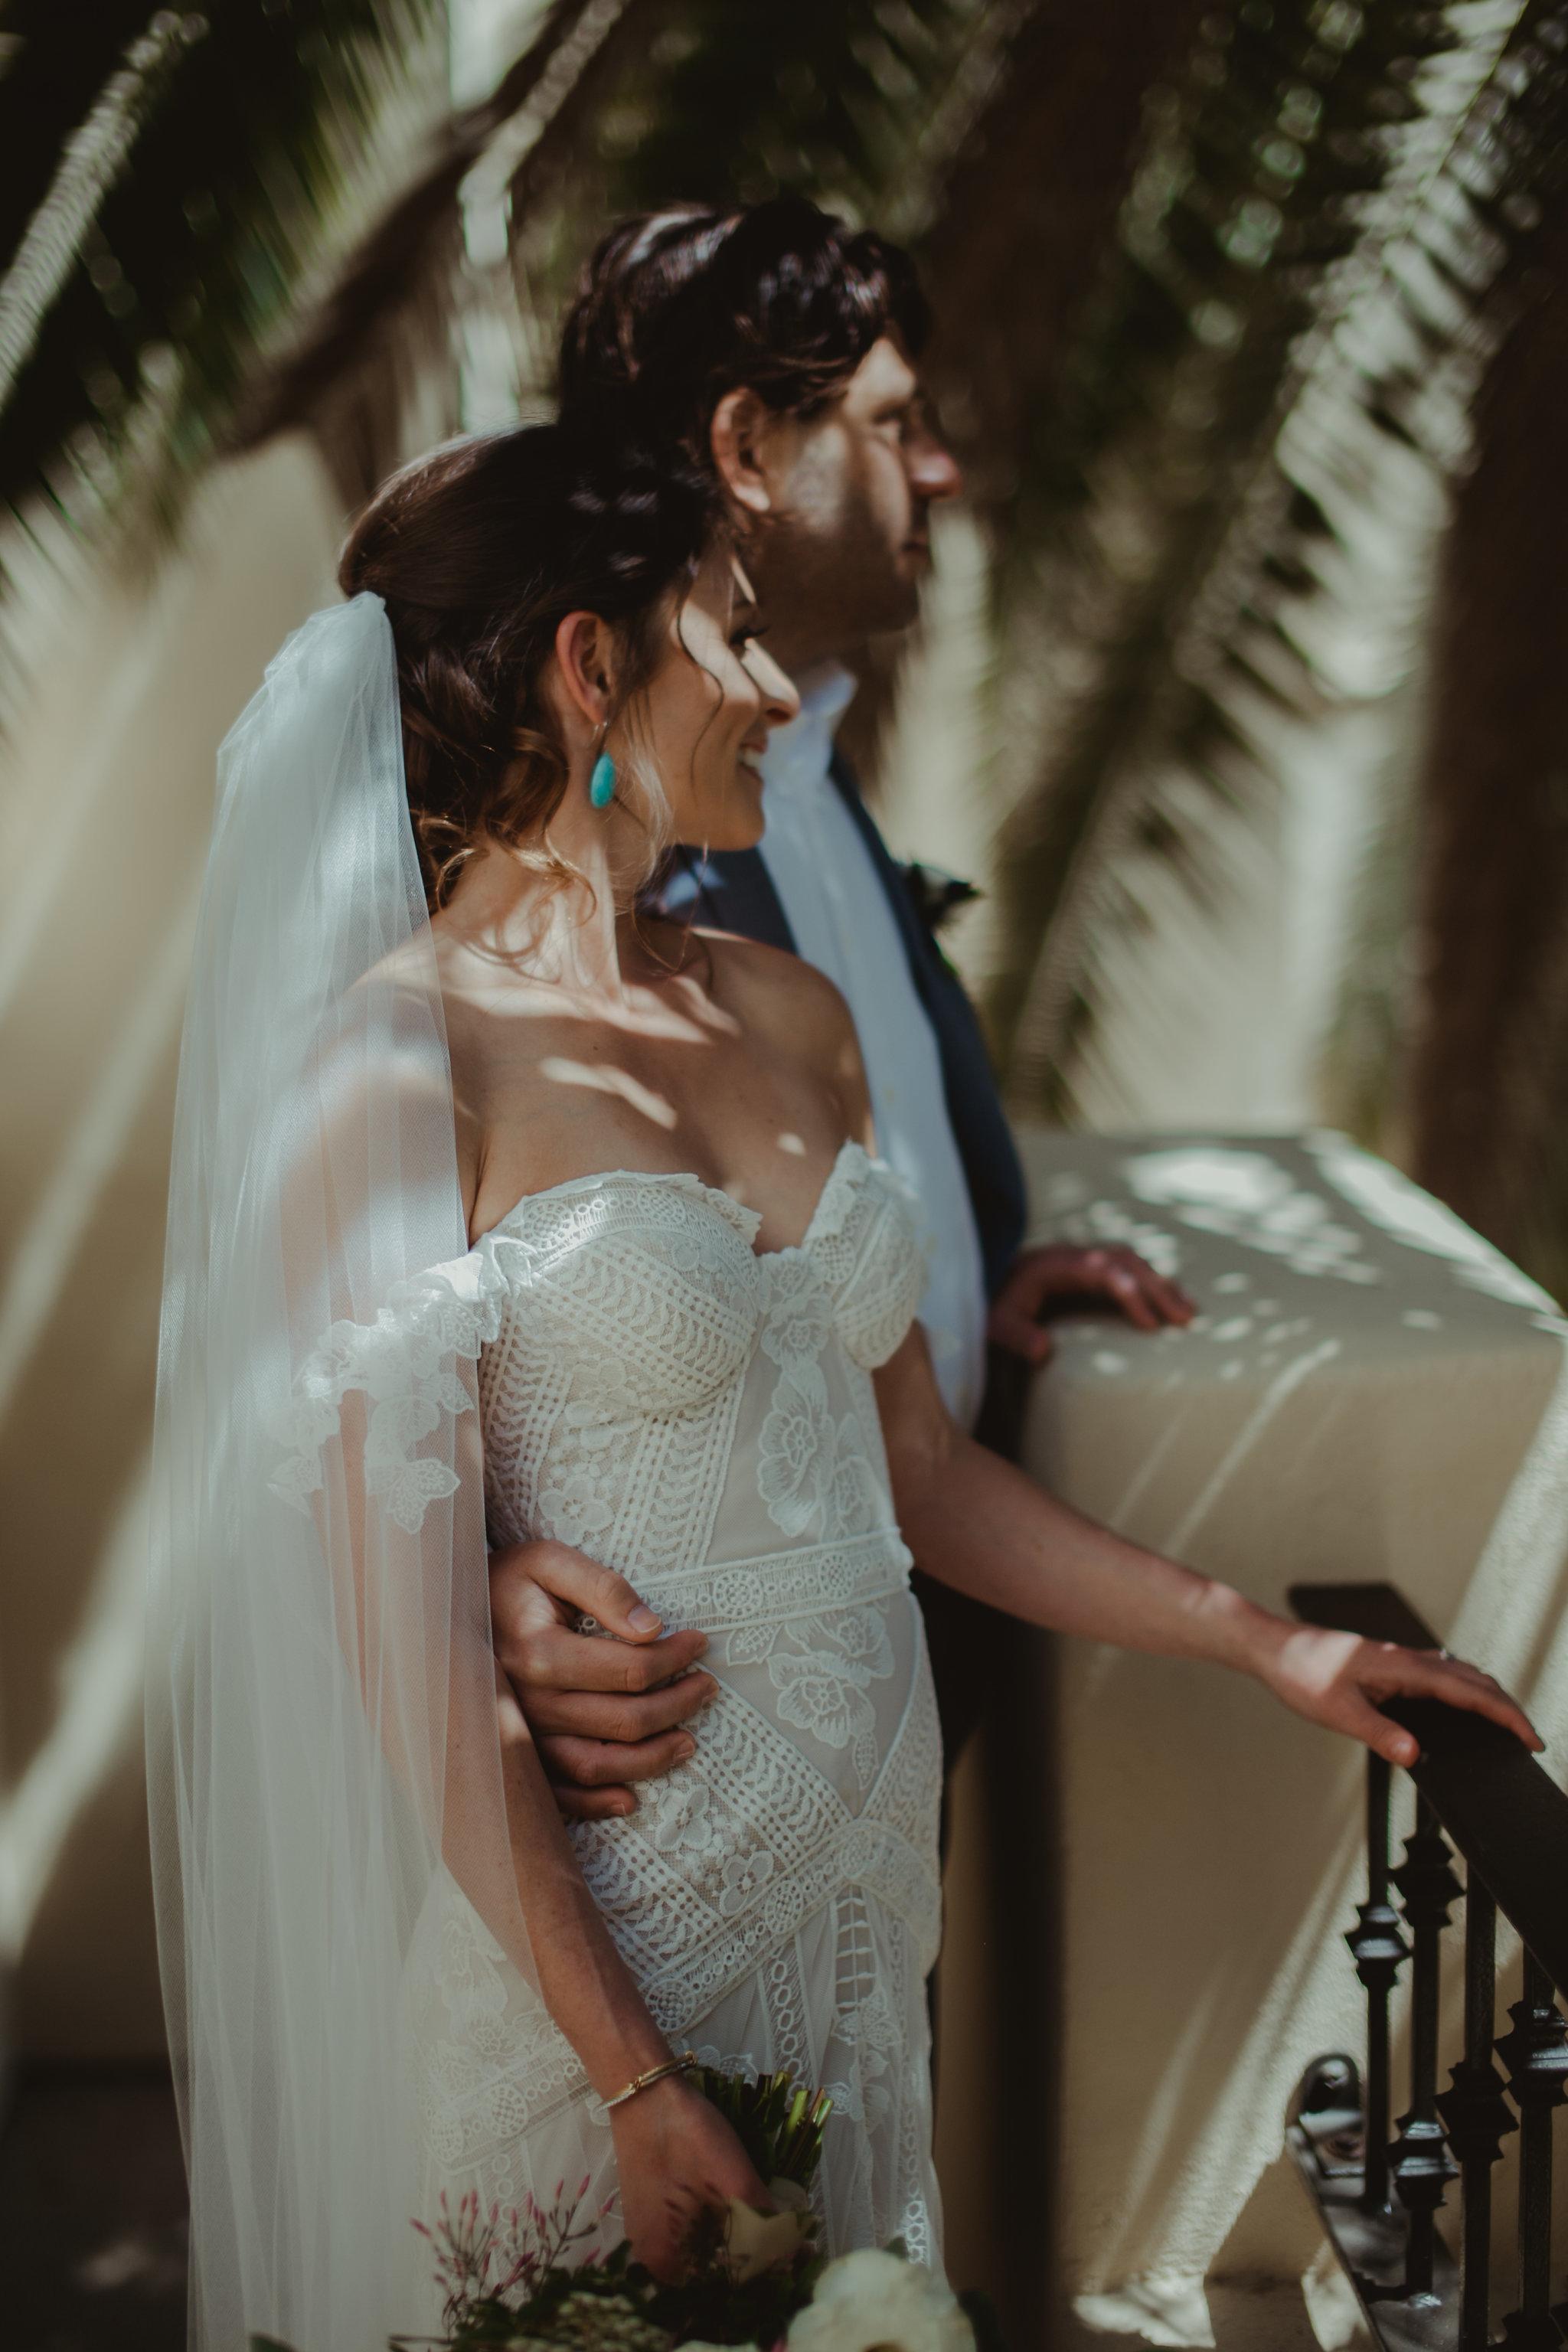 lolo-and-noa-la-jolla-wedding-scripps-blooms-by-breesa-lee-155.jpg